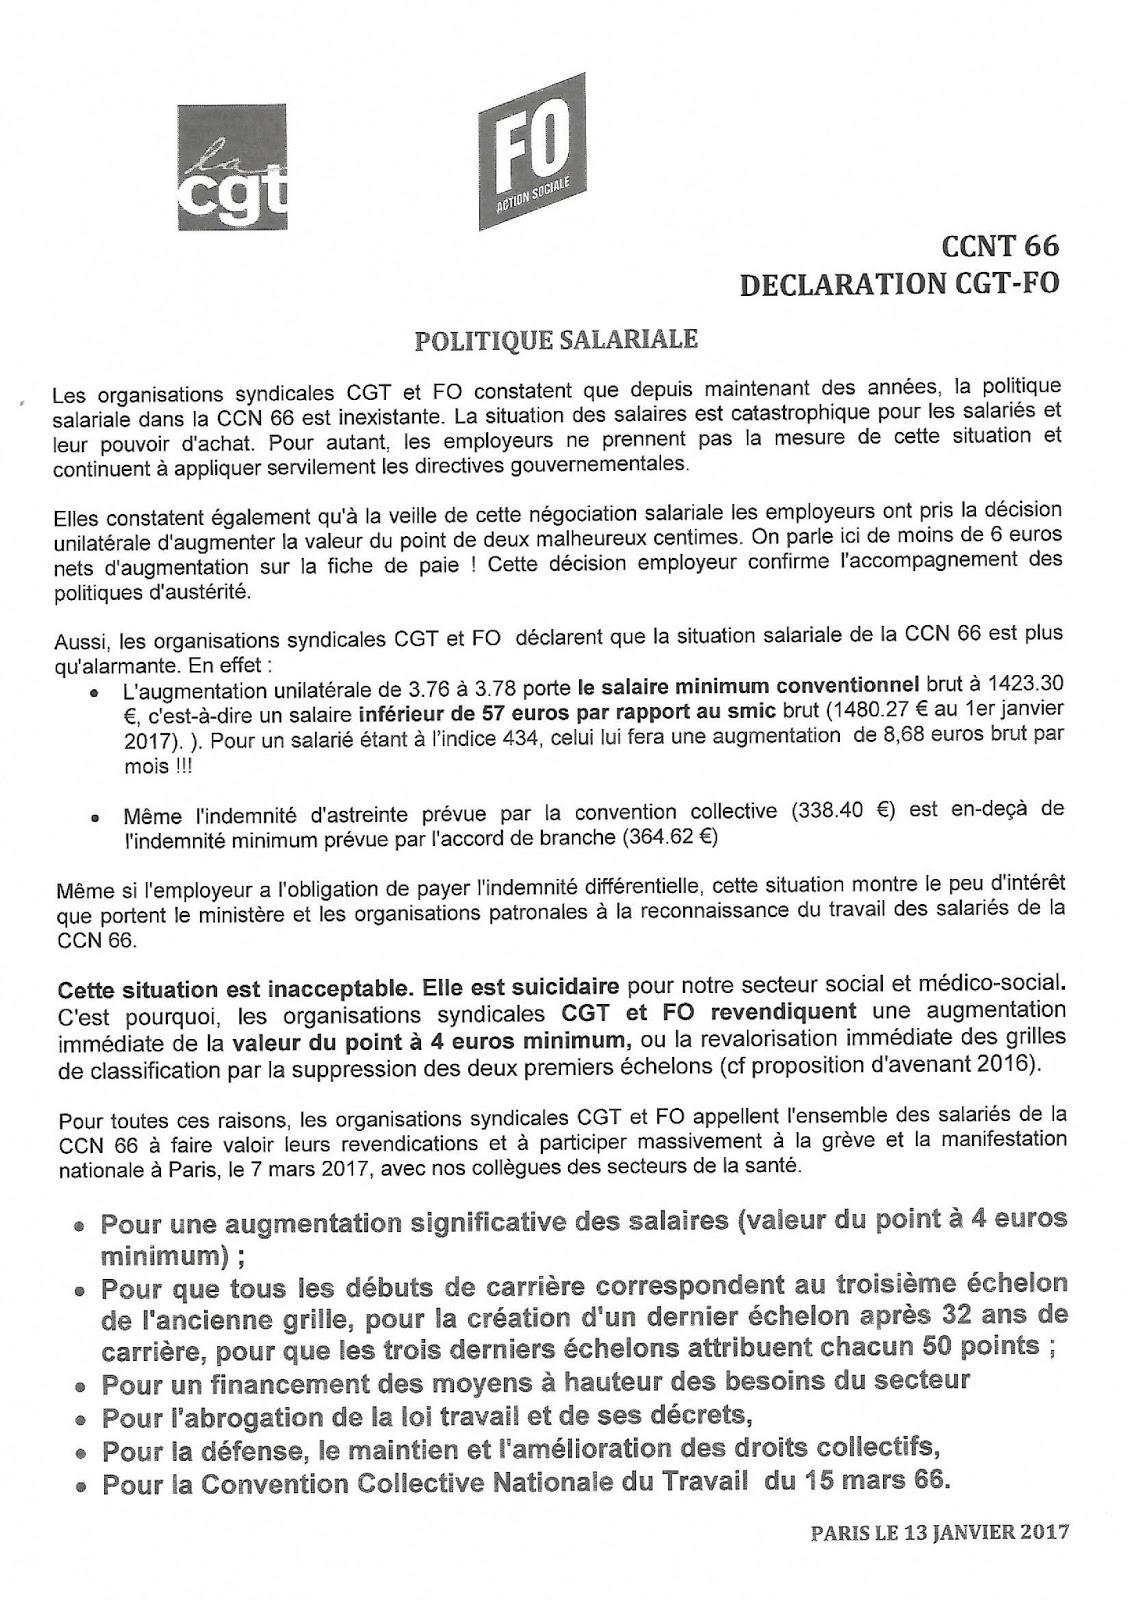 Le Blog De La Cgt De L A N R A S Declaration Cgt Et Fo Cnpn 66 13